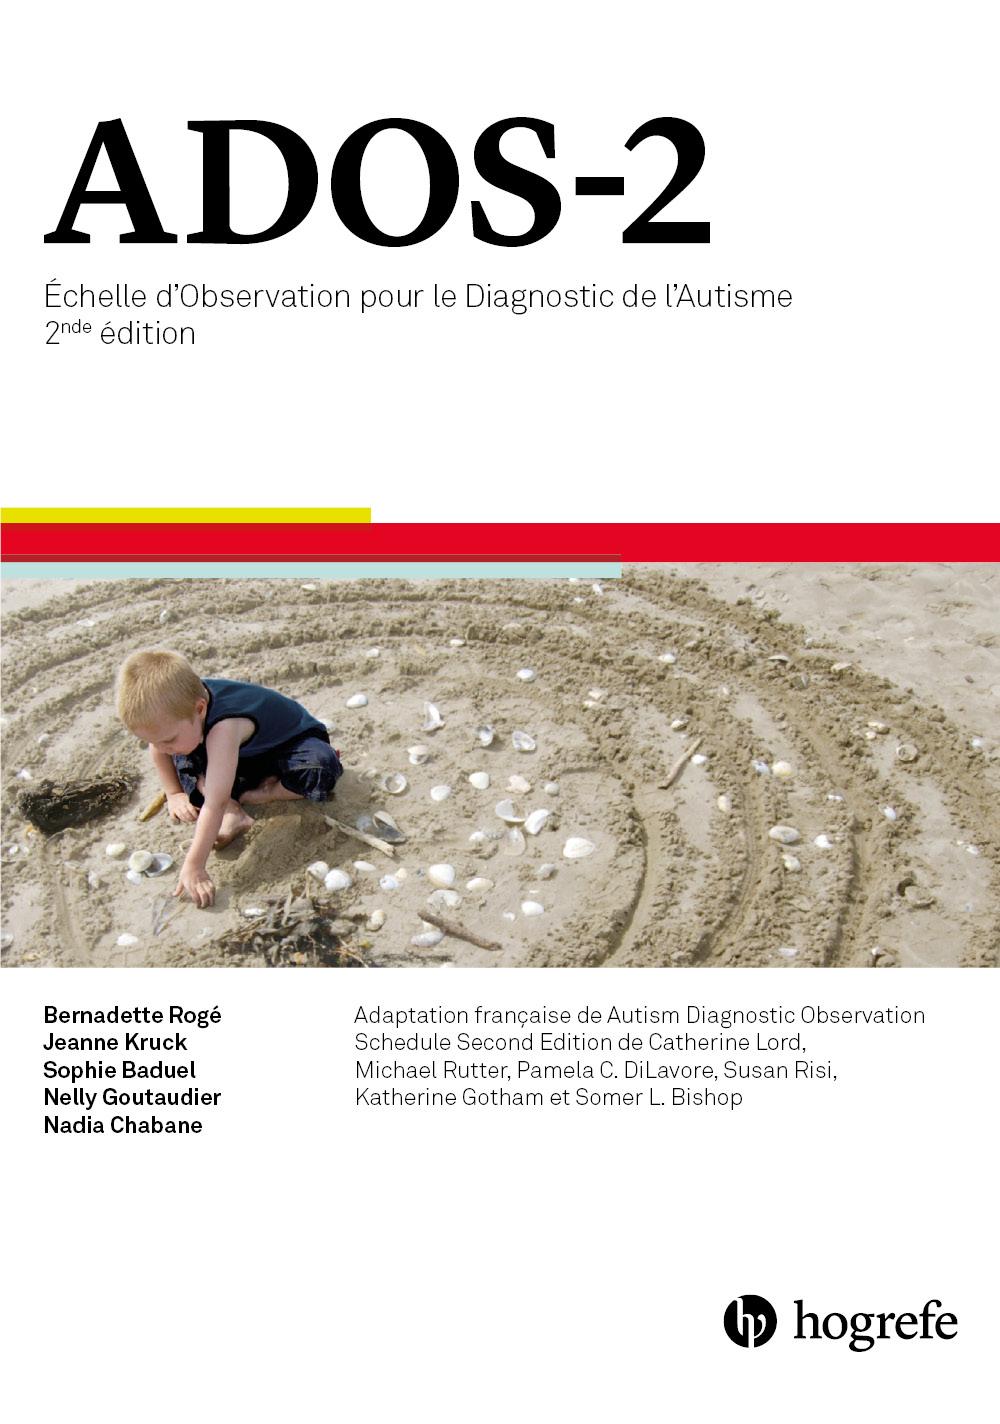 ADOS-2 Stimulus Material